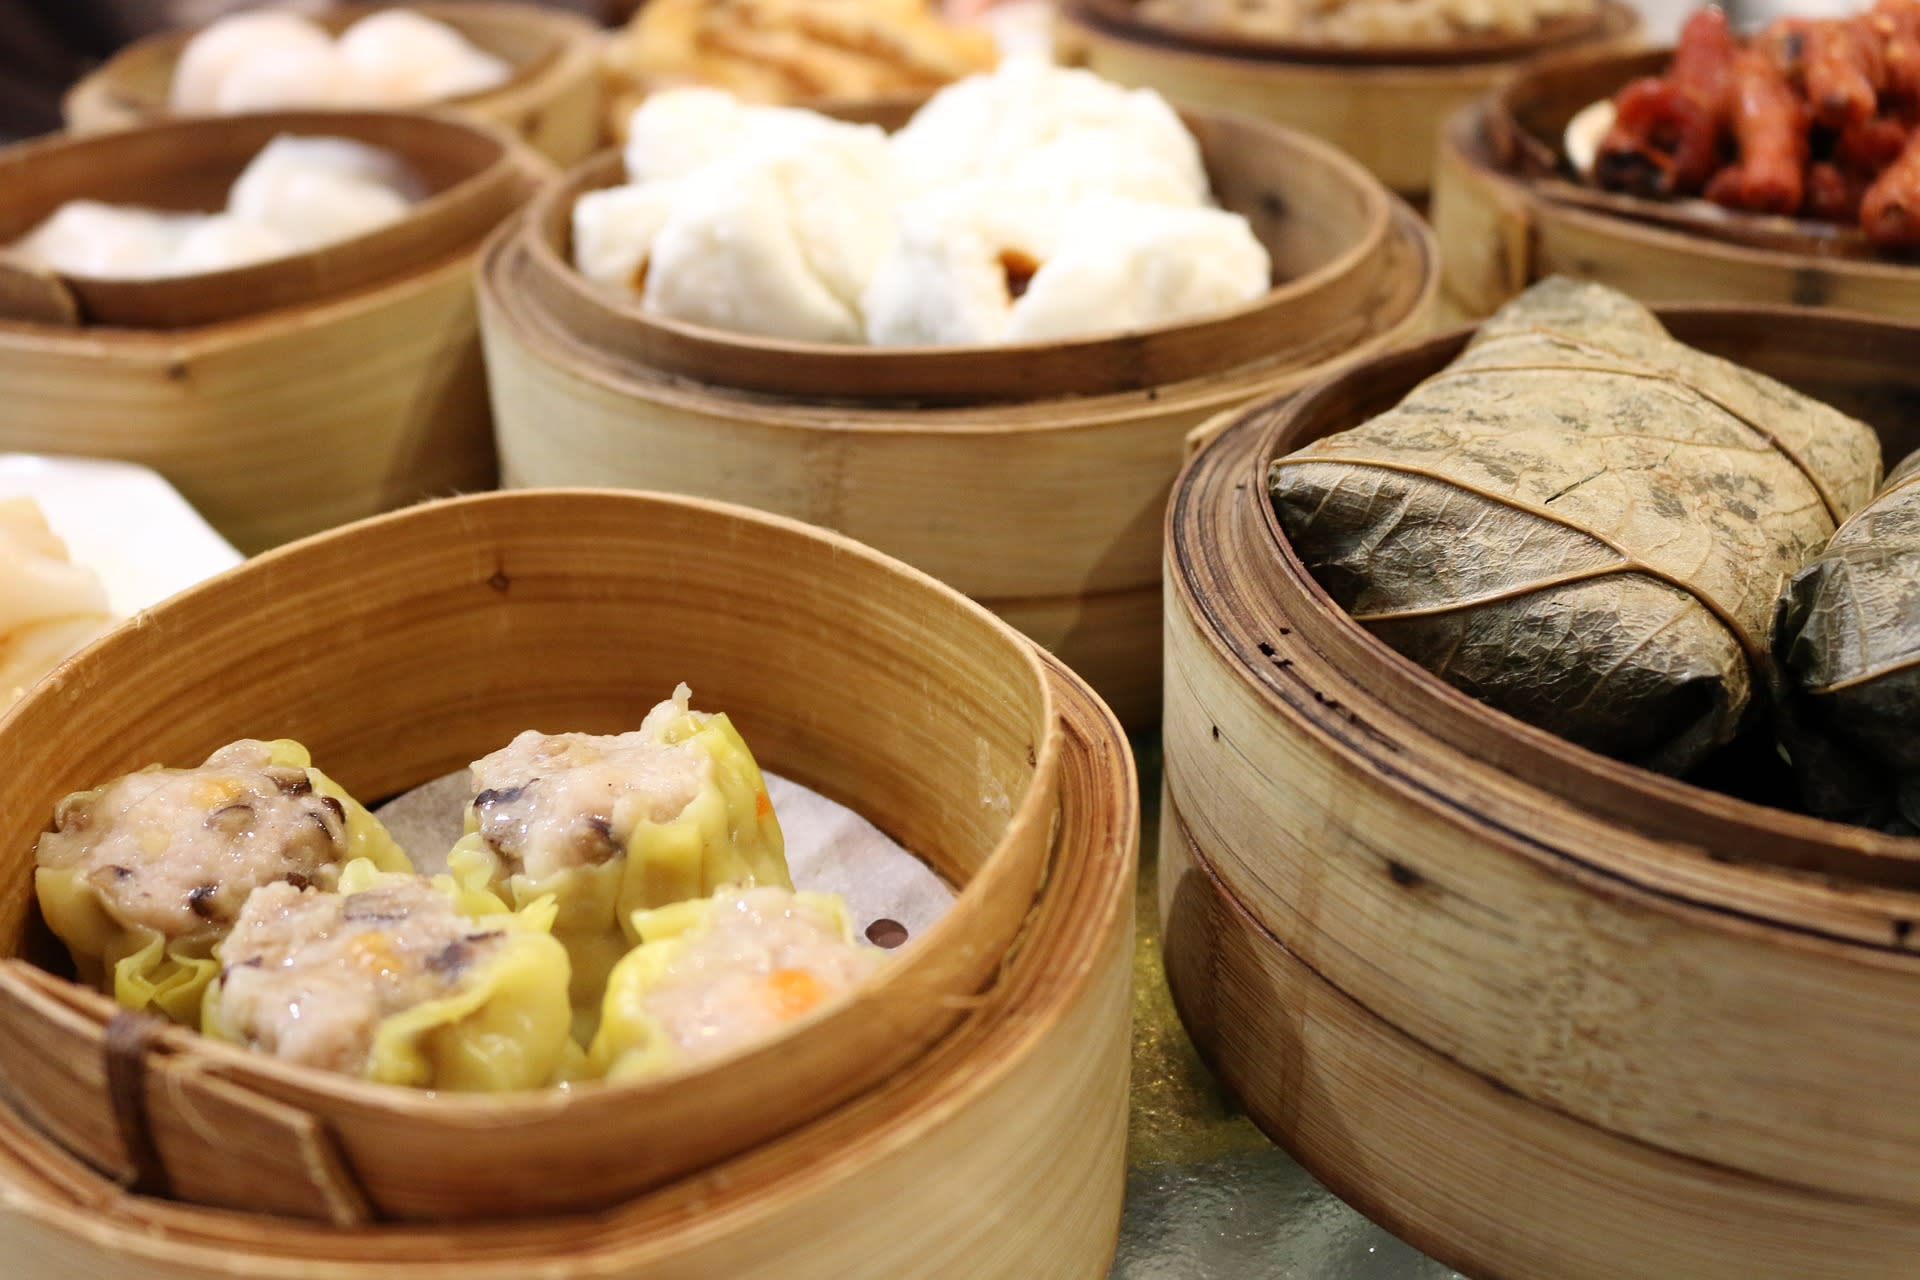 hk tram food guide10